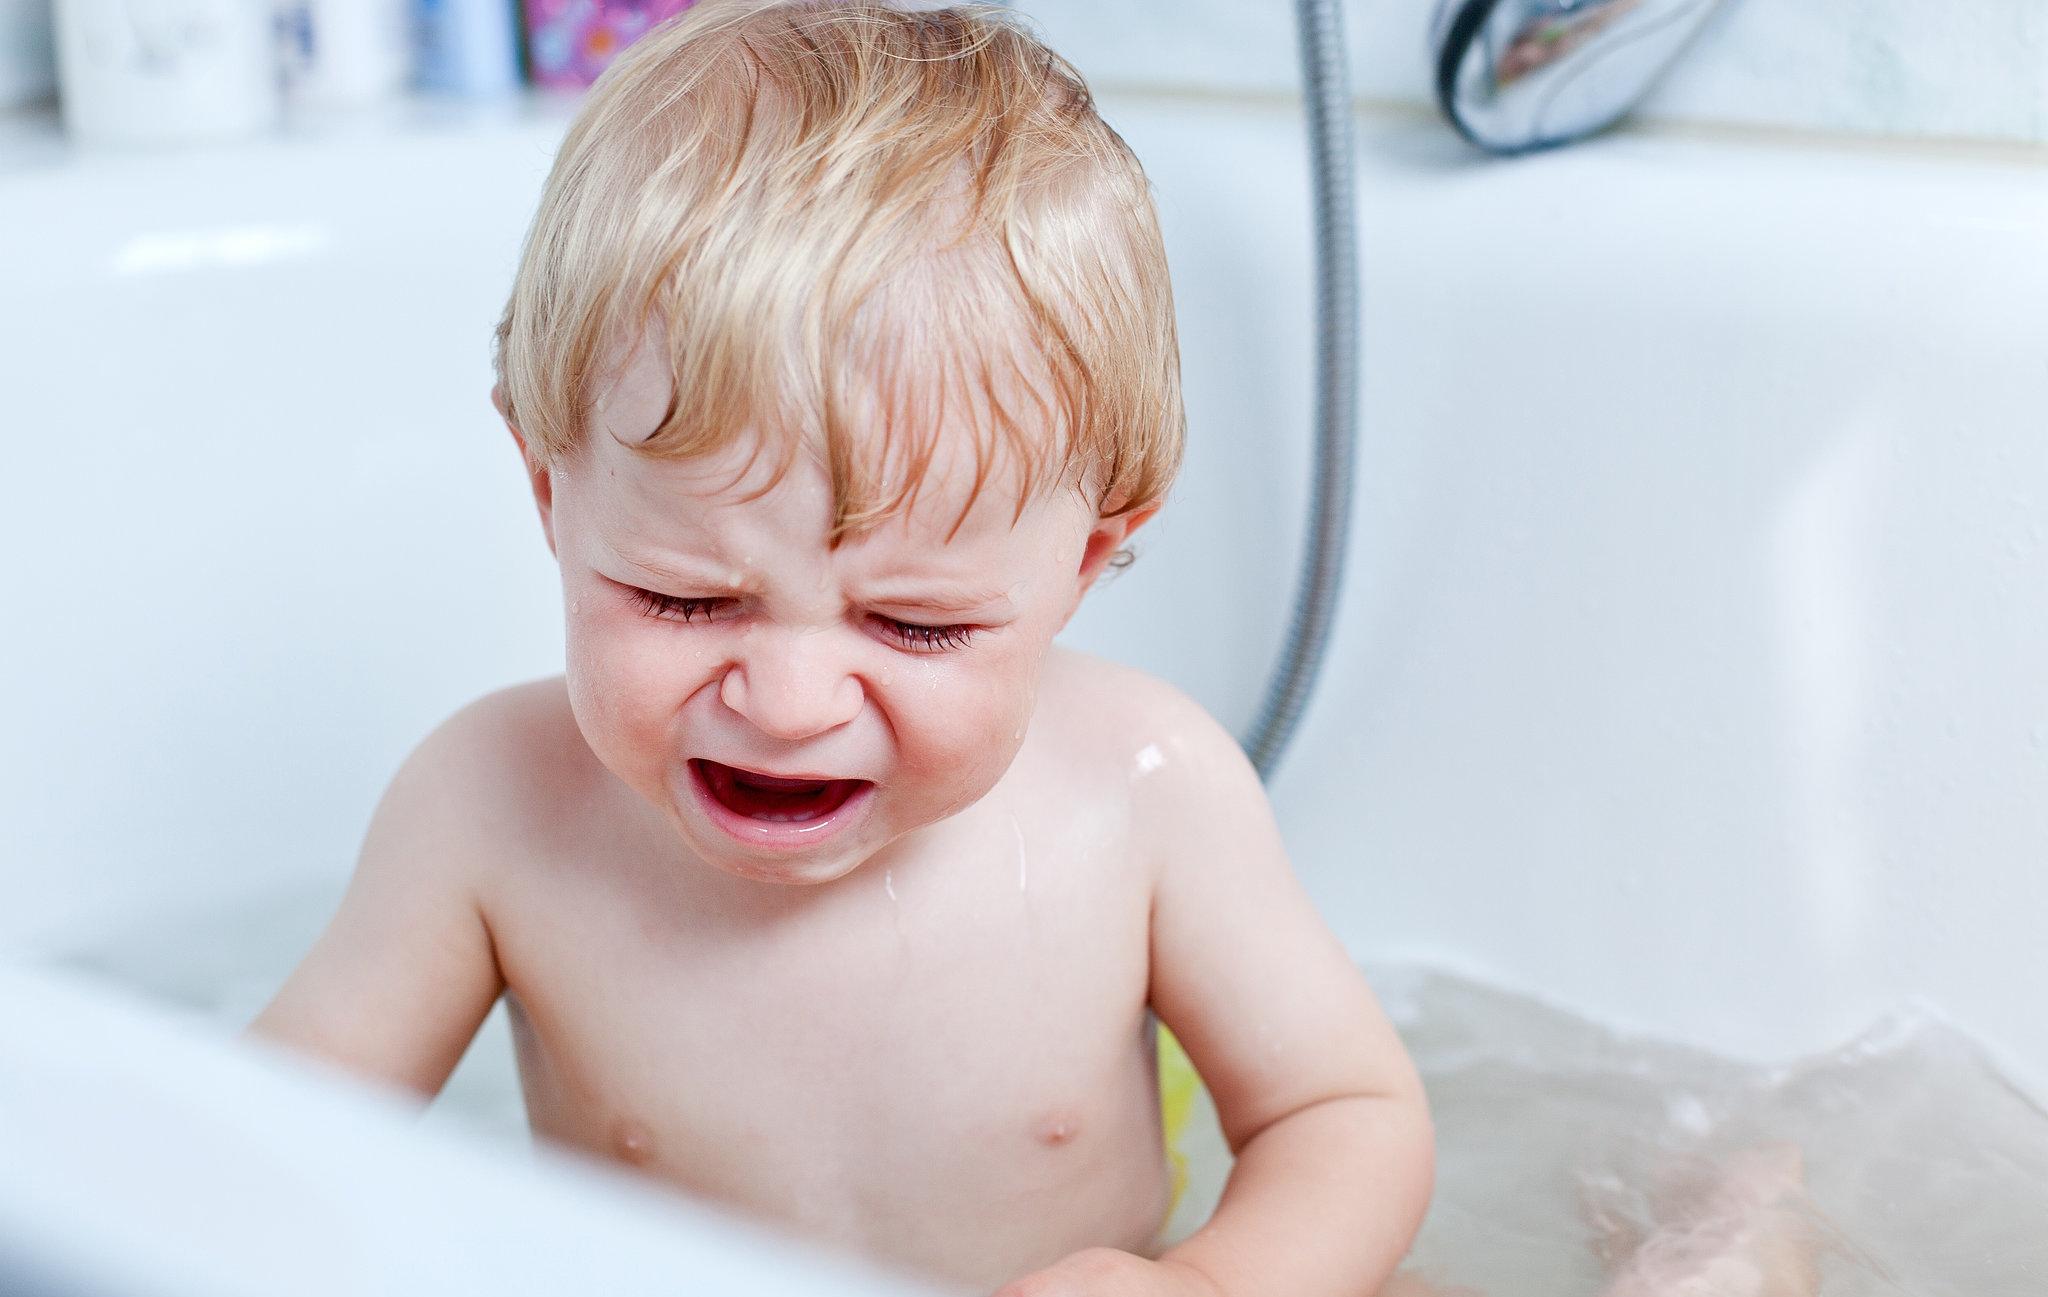 Самый первый симптом у малышей – плач и нежелание находиться в ванной